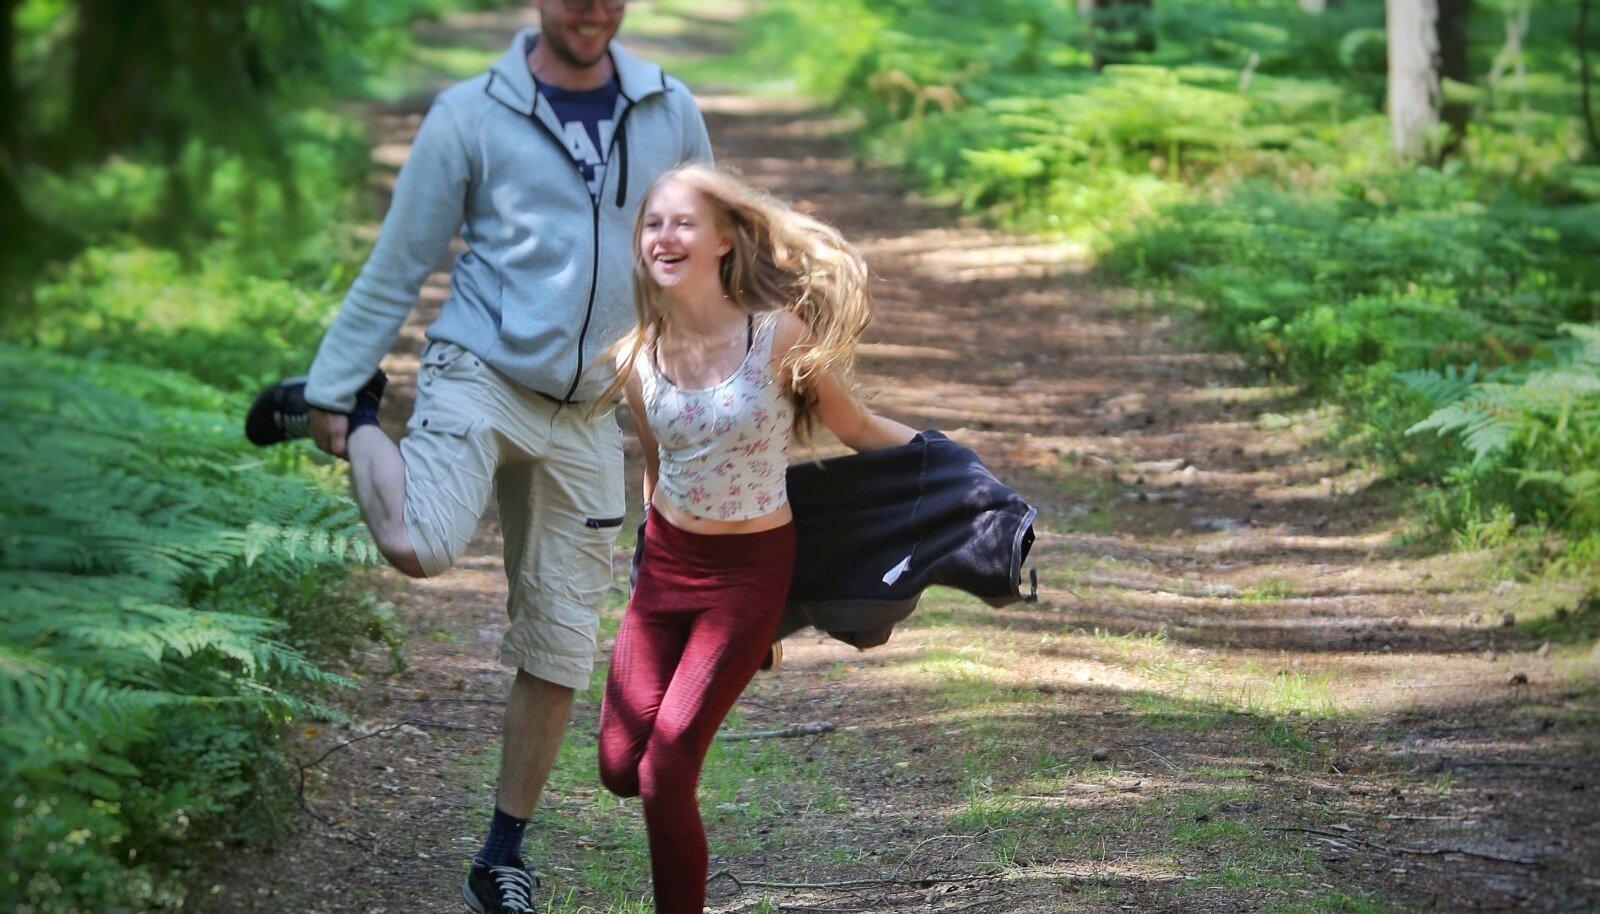 Metsakümblus - metsas jalutamine kübekese teadusega